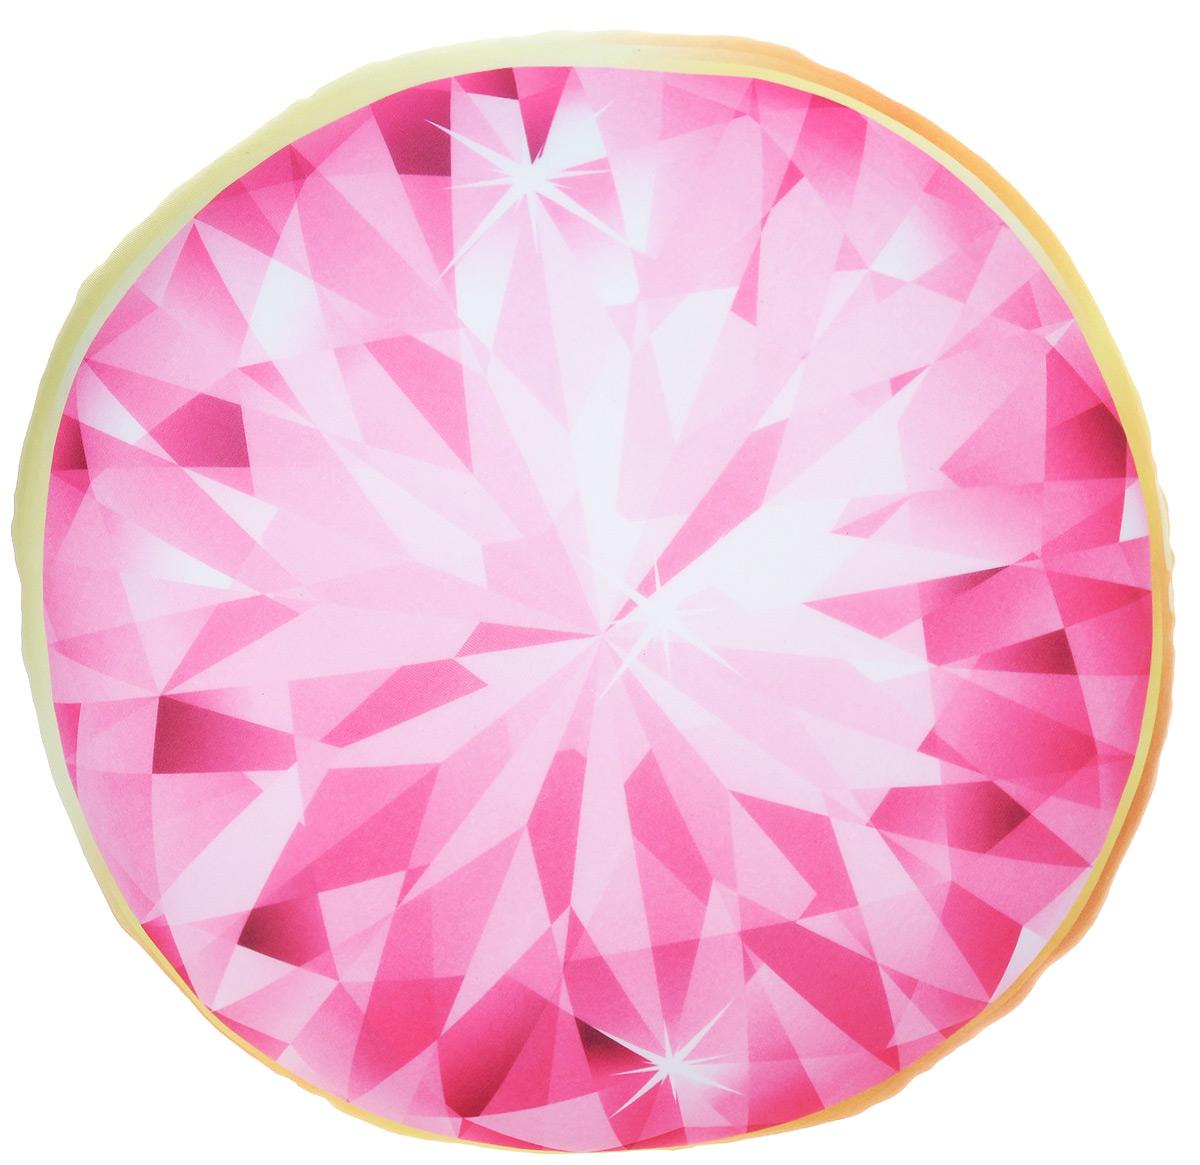 Подушка-антистресс Home Queen Диамант, круглая, цвет: розовый, желтый, 30 х 30 см1004900000360Круглая подушка-антистресс Home Queen Диамант - это не только лучший способ снять напряжение, но и оригинальный аксессуар для интерьера. Изделие пластичное и приятное на ощупь. Чехол из трикотажной ткани (15% полиуретан, 85% нейлон) оформлен ярким изображением алмаза. Внутри - антистрессовый полистироловый наполнитель. Подушка-антистресс - идеальный рецепт хорошего настроения и здорового сна! Она подарит тактильную радость и станет аккумулятором хорошего настроения.